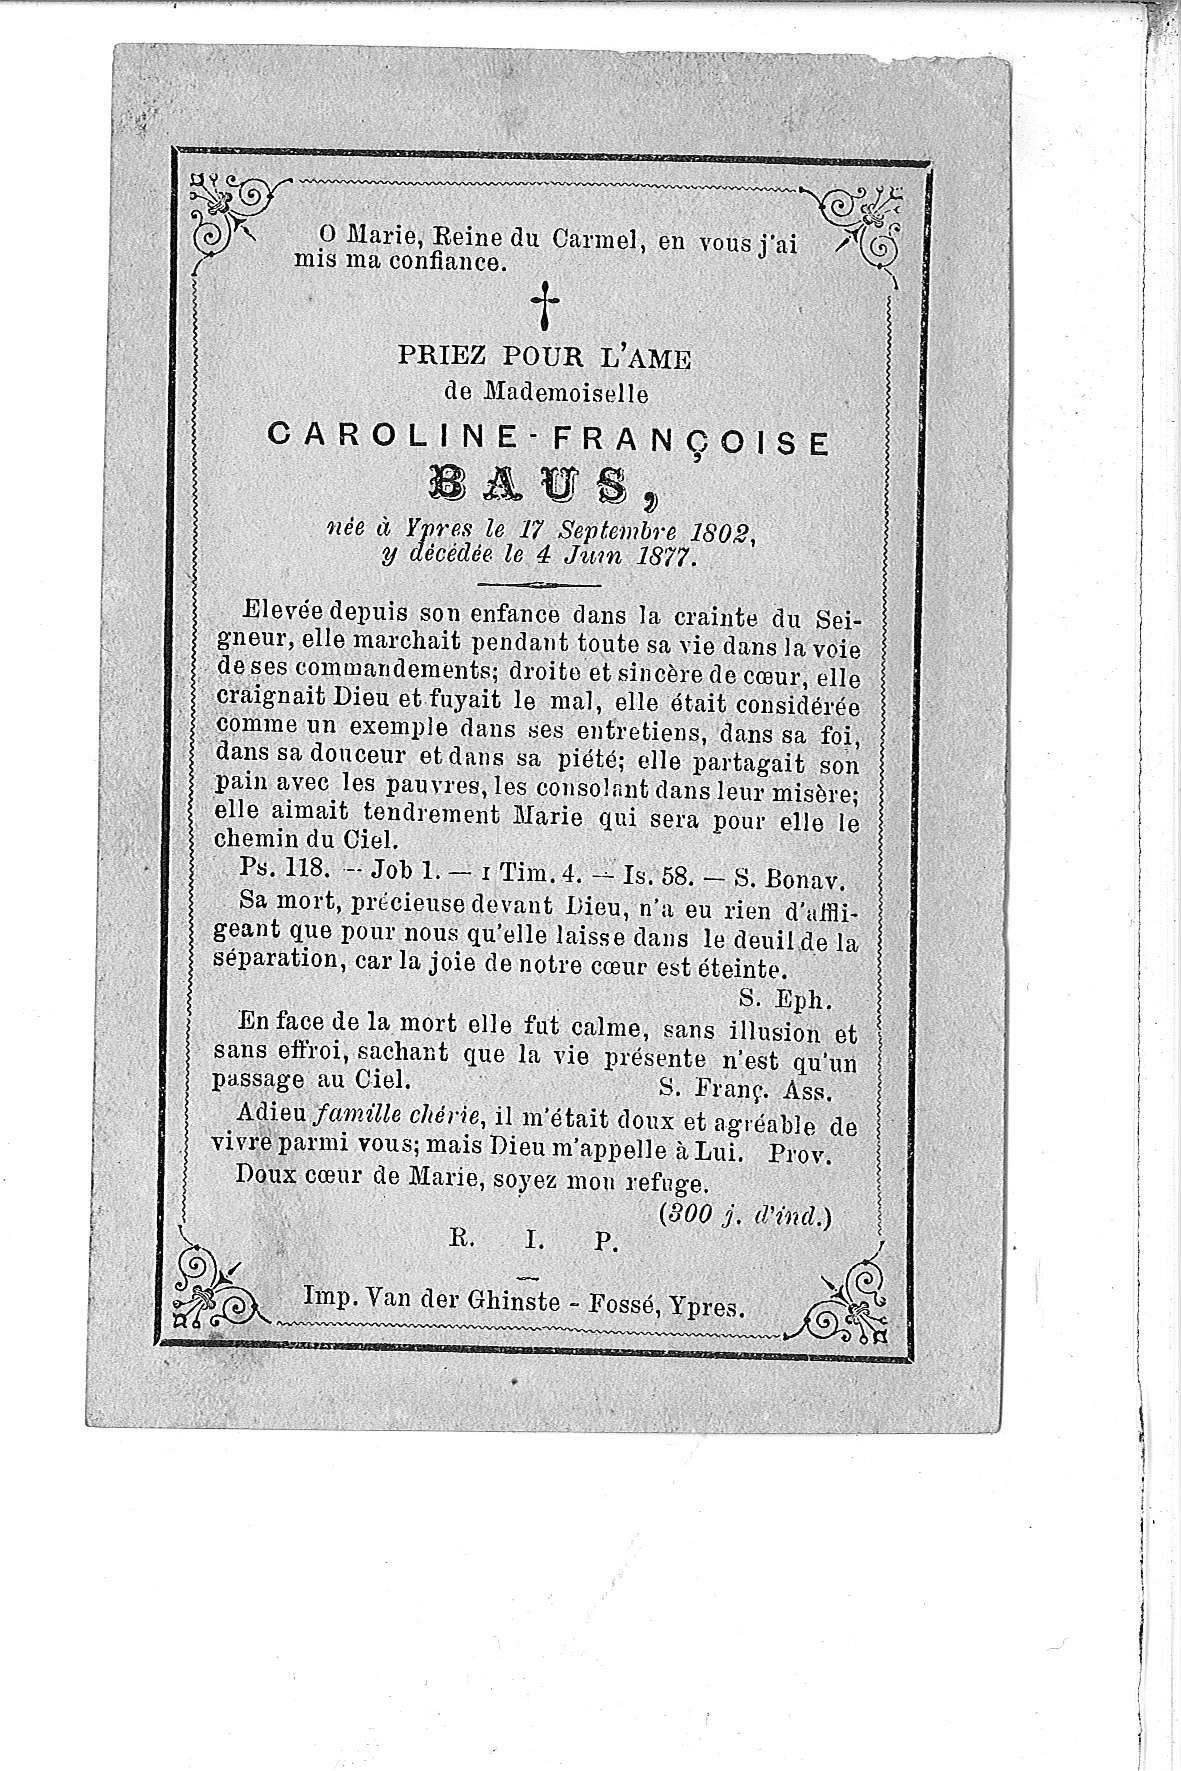 Caroline-Françoise(1877)20101025132446_00006.jpg